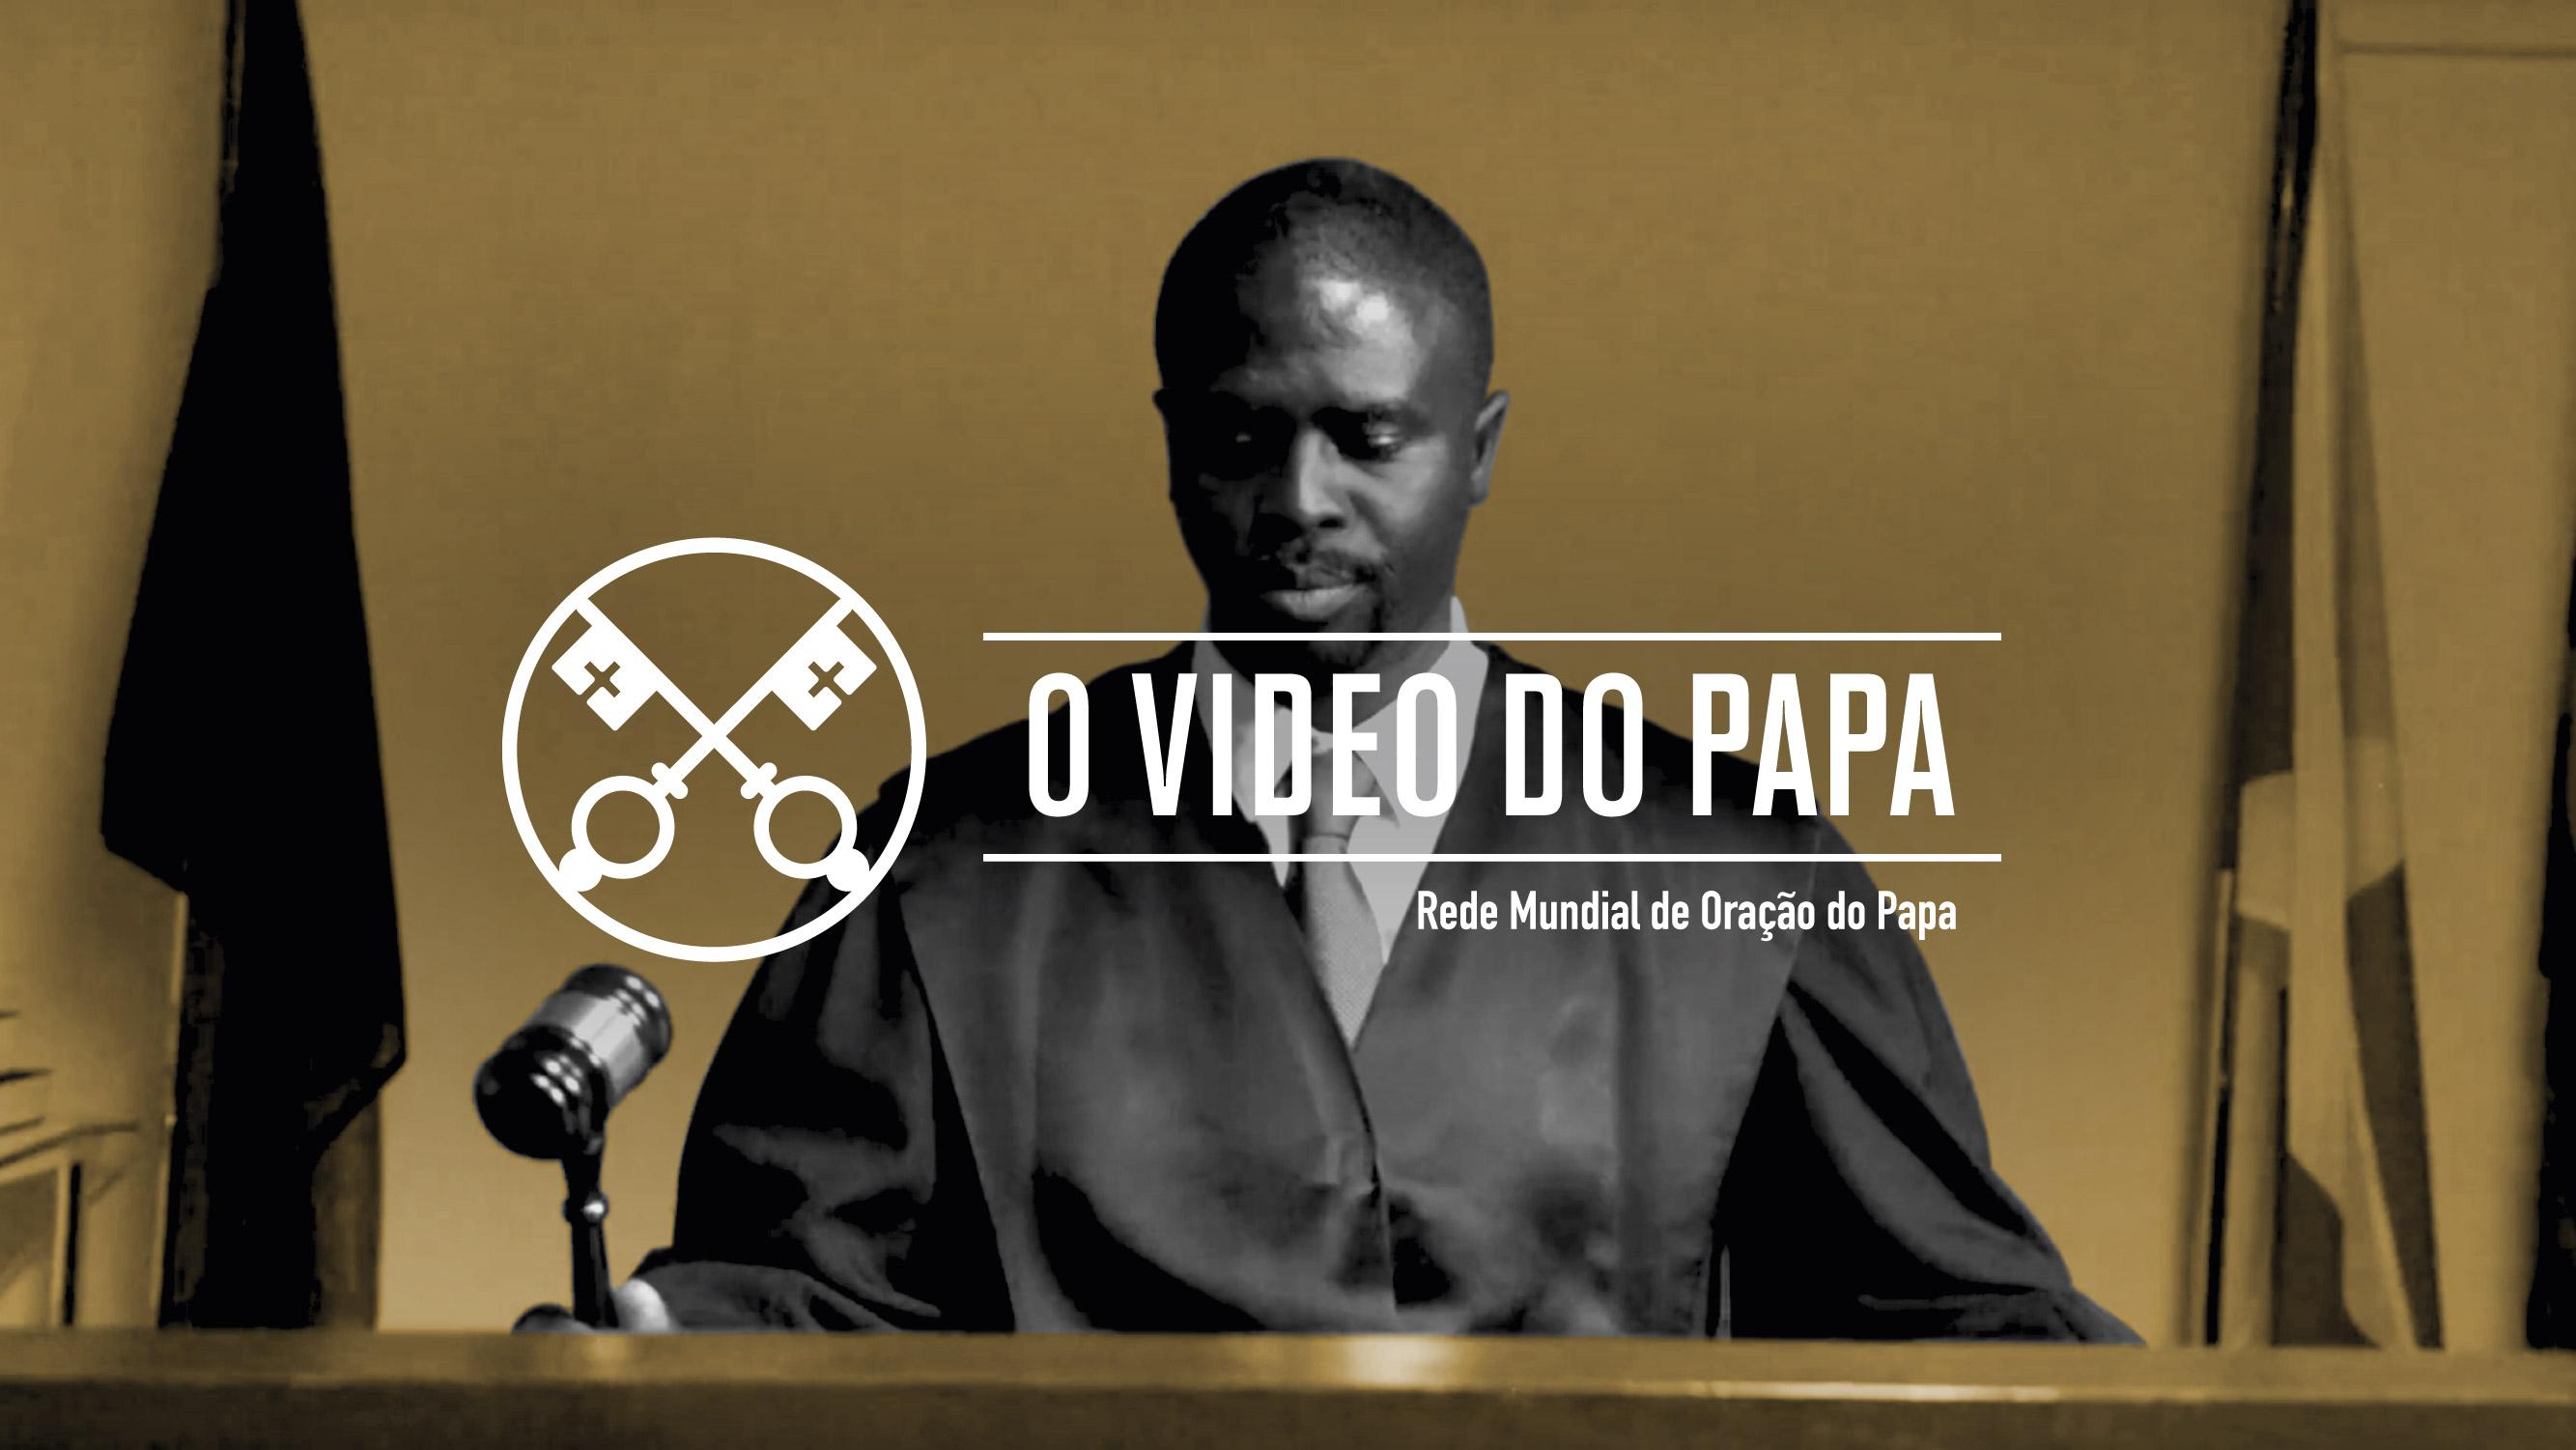 O Papa Francisco pede-nos para rezar por aqueles que administram a justiça, para que possam trabalhar com integridade e respeitar a dignidade humana